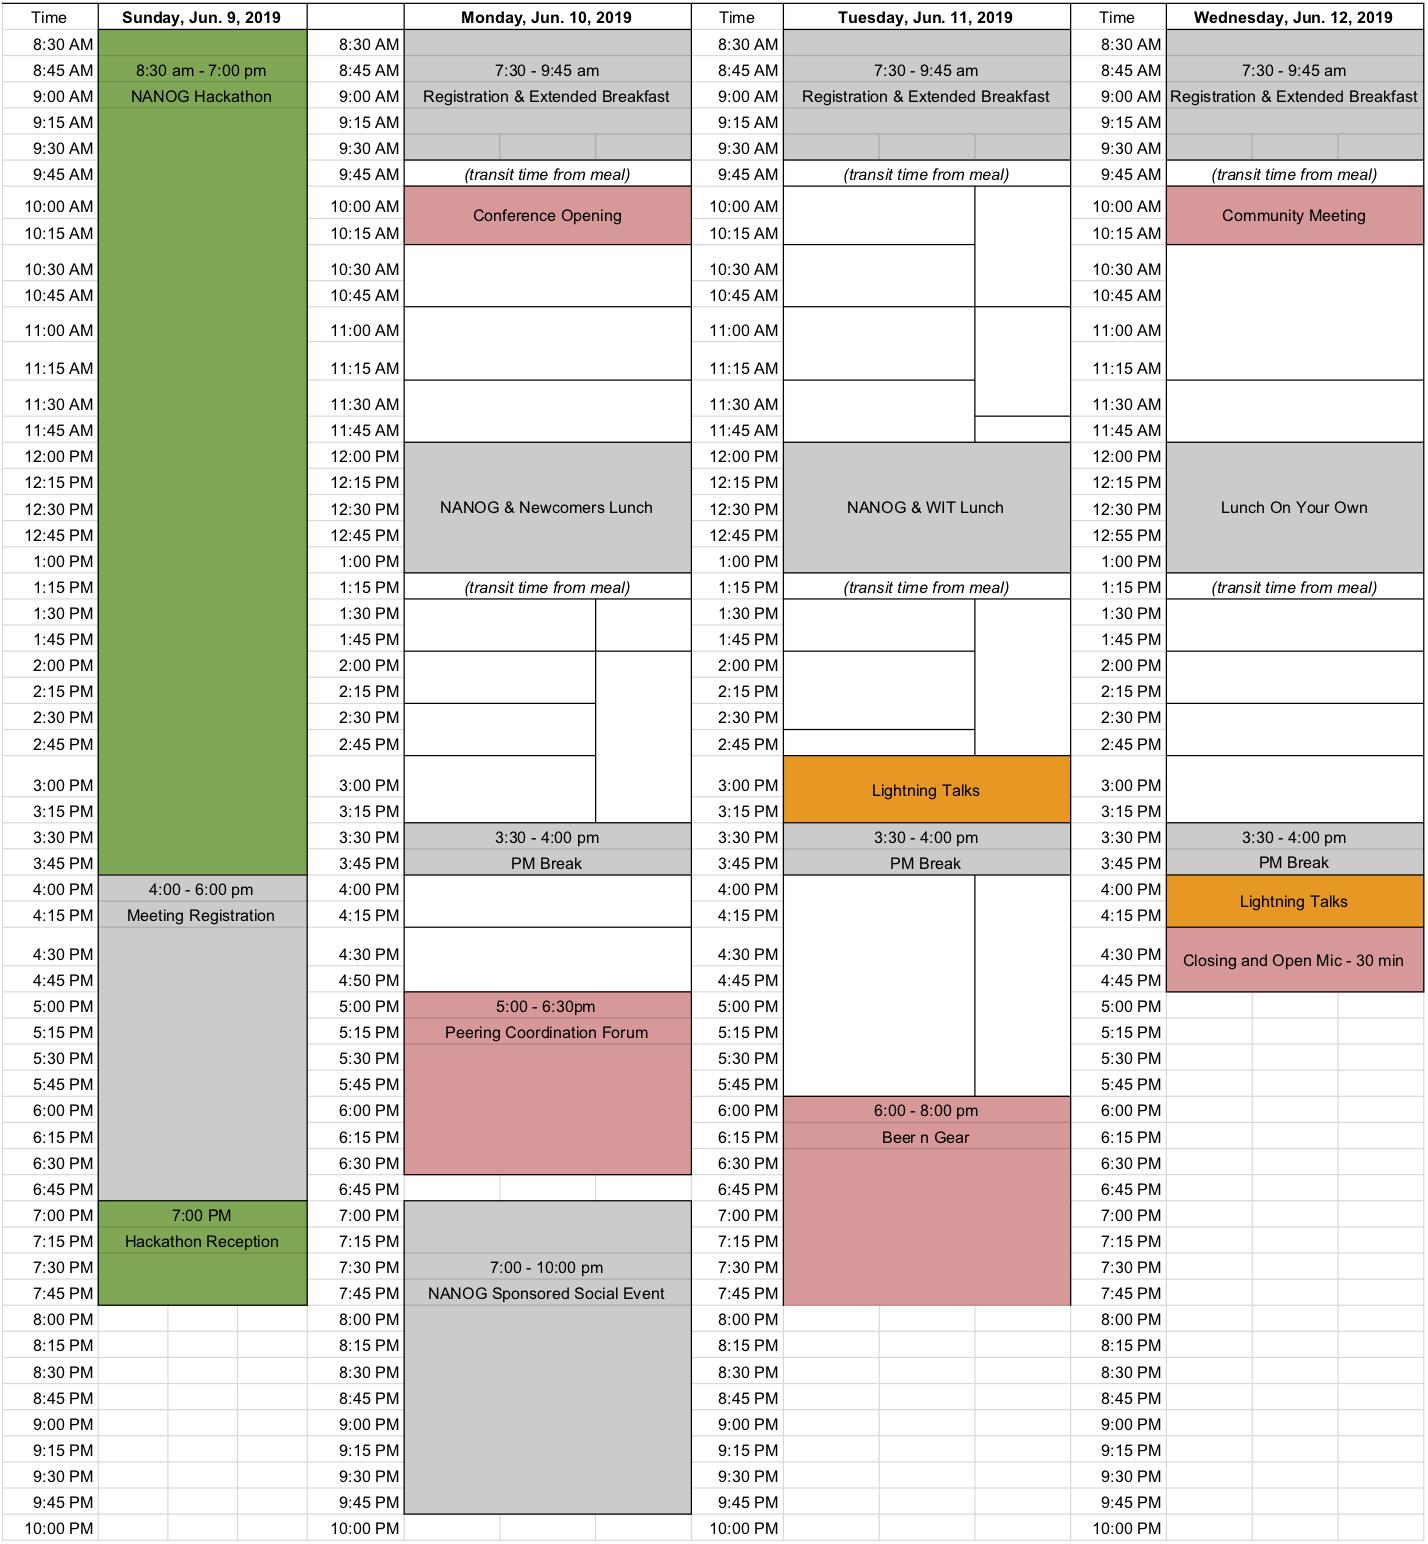 76-block-agenda